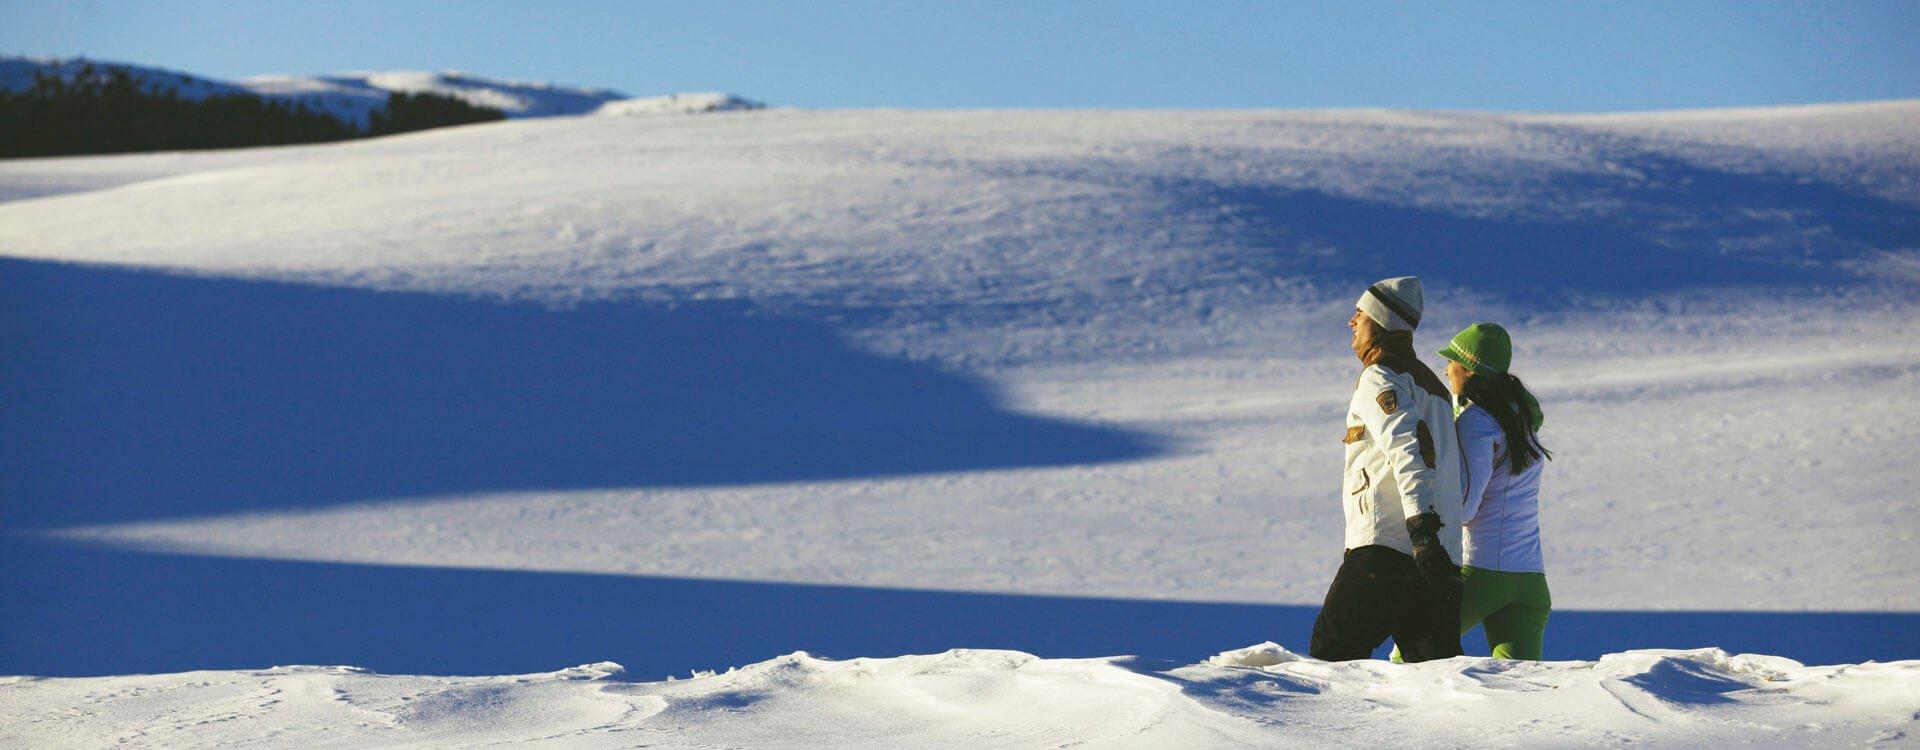 winterurlaub-auf-dem-bauernhof-07